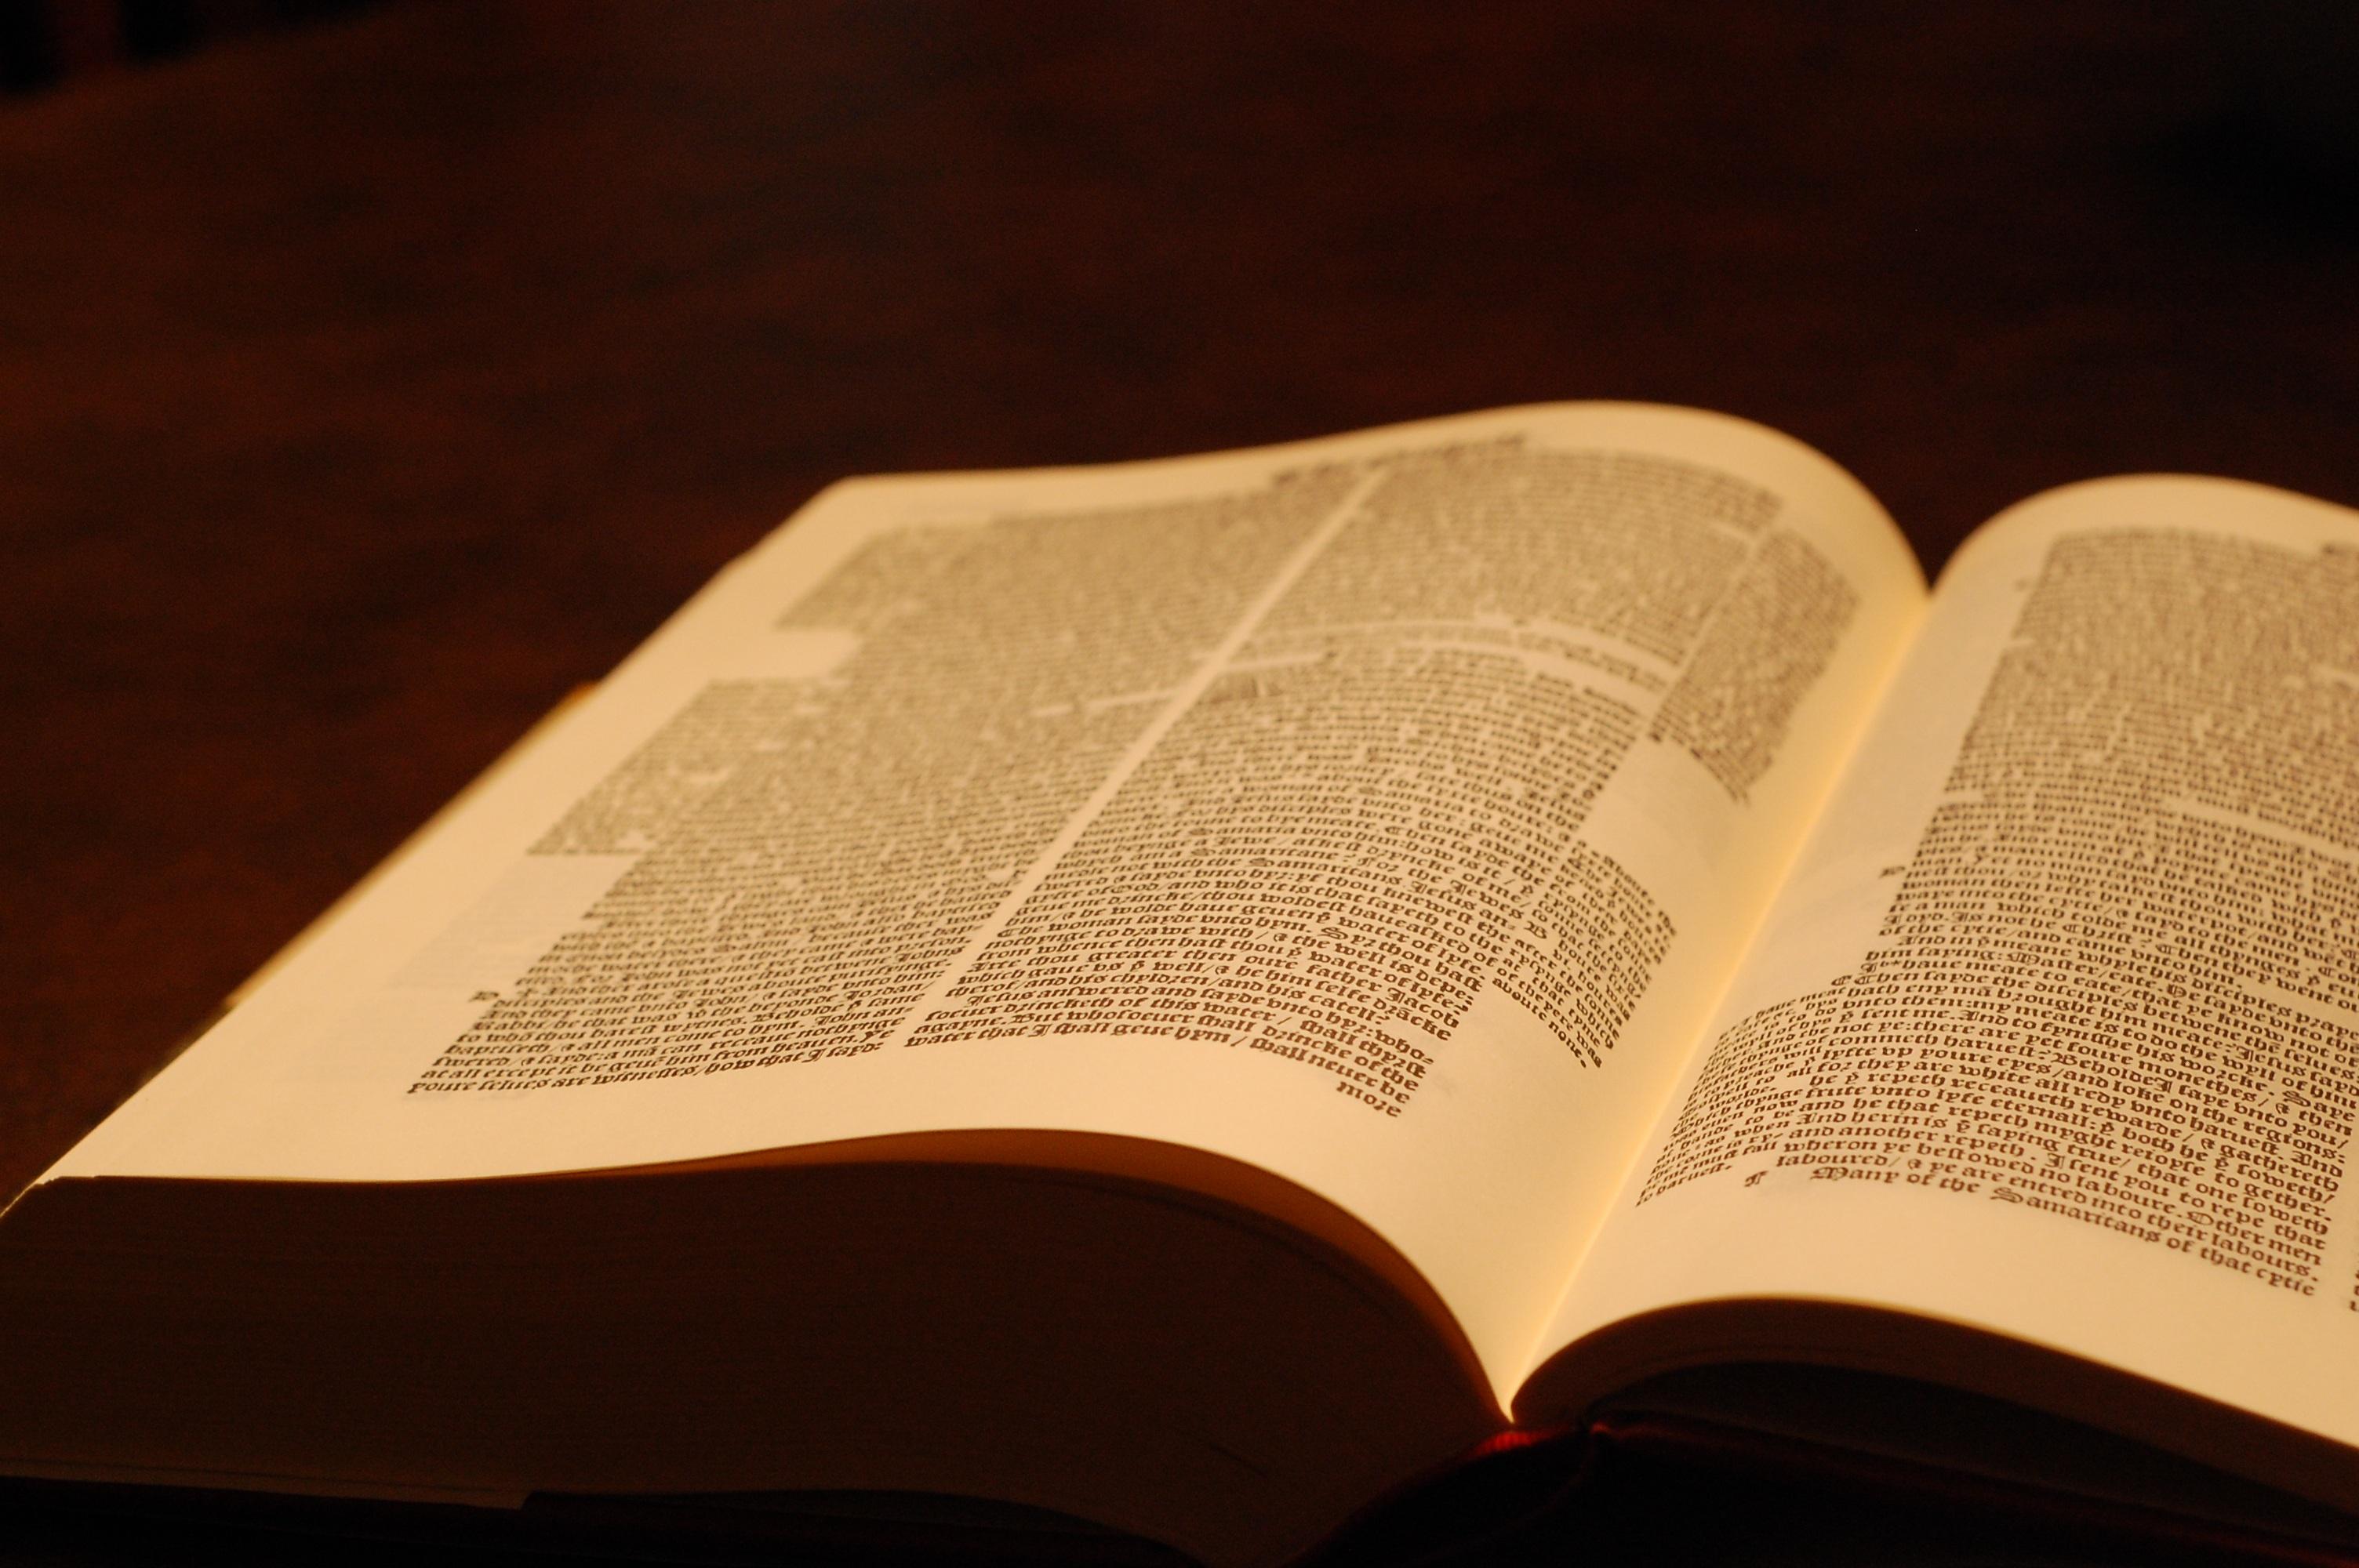 Gambar Penulisan Book Buka Buku Merek Kitab Injil Seni